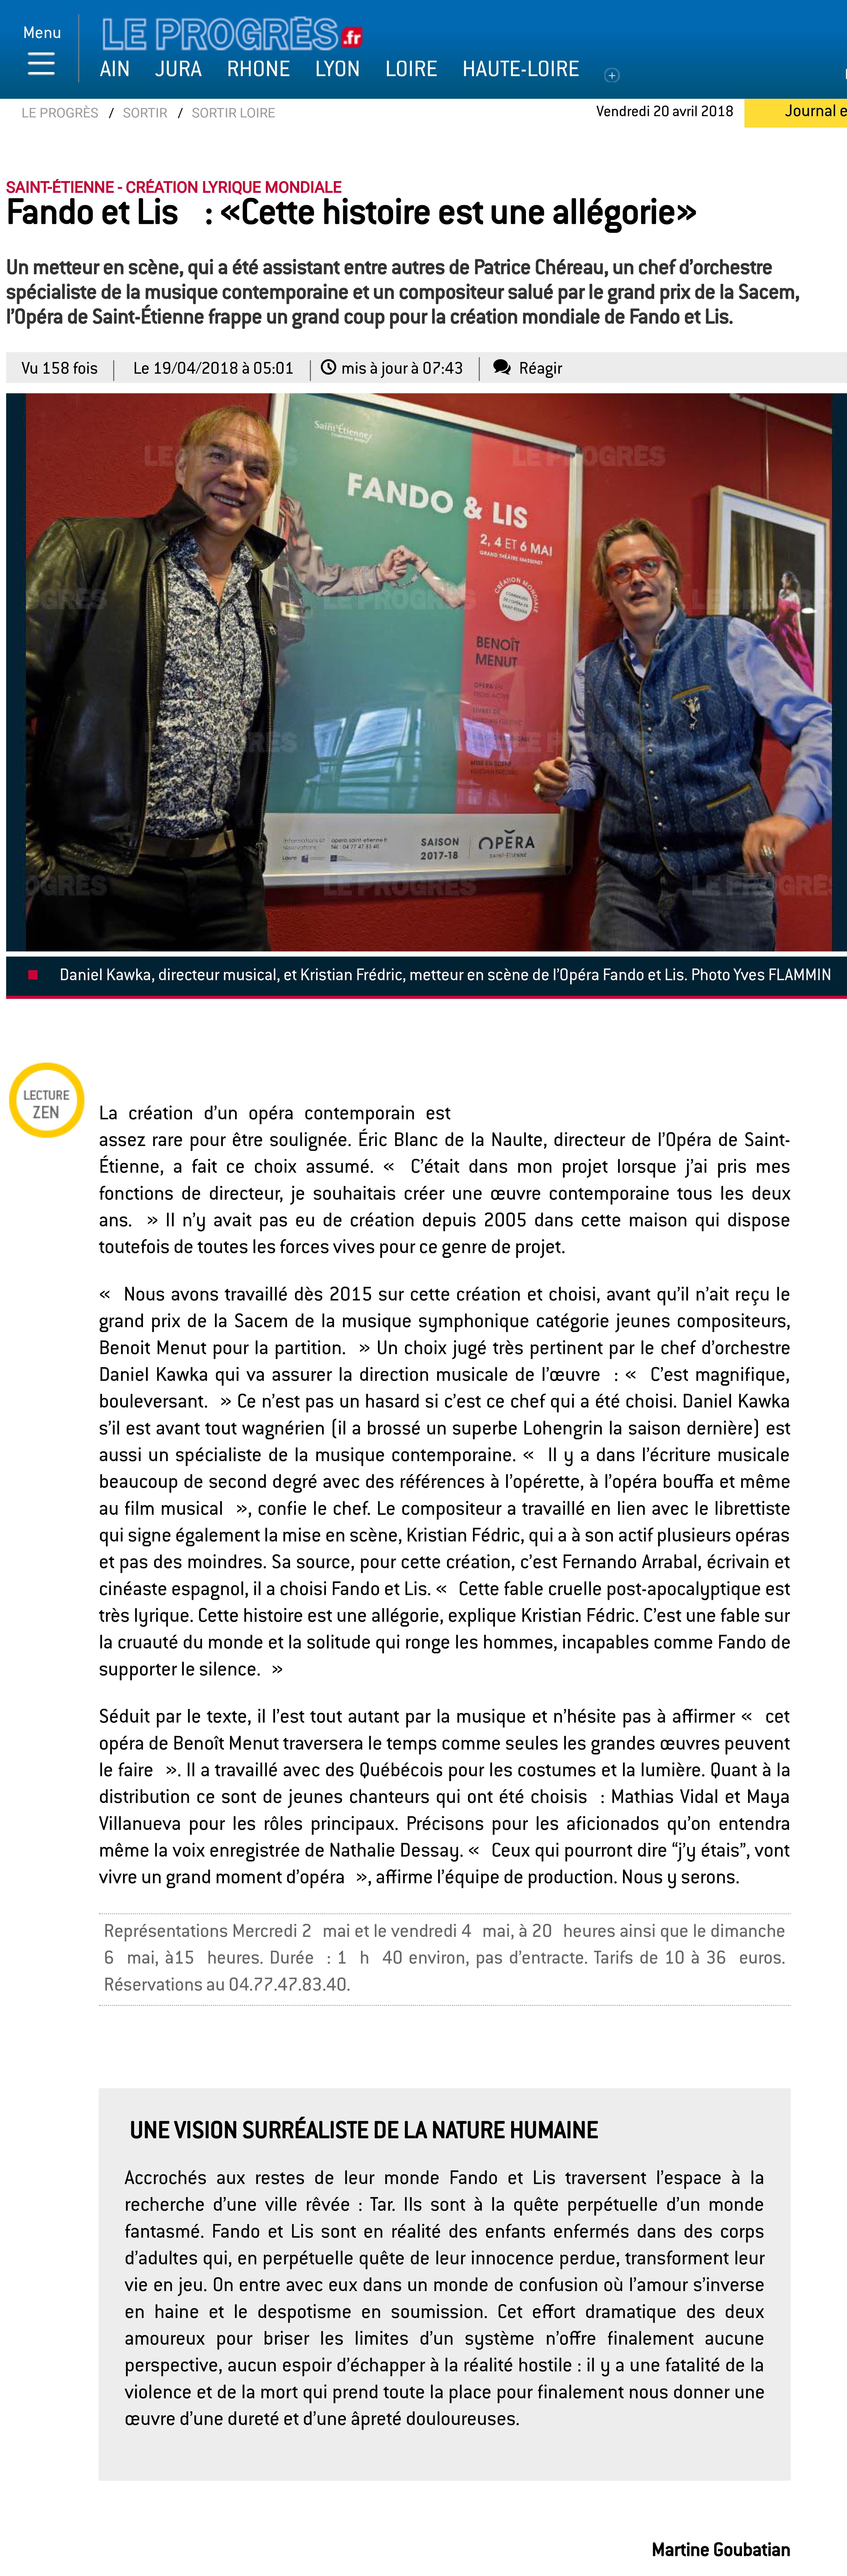 Sortir_Loire___Fando_et_Lis___«Cette_histoire_est_une_allégorie»_2